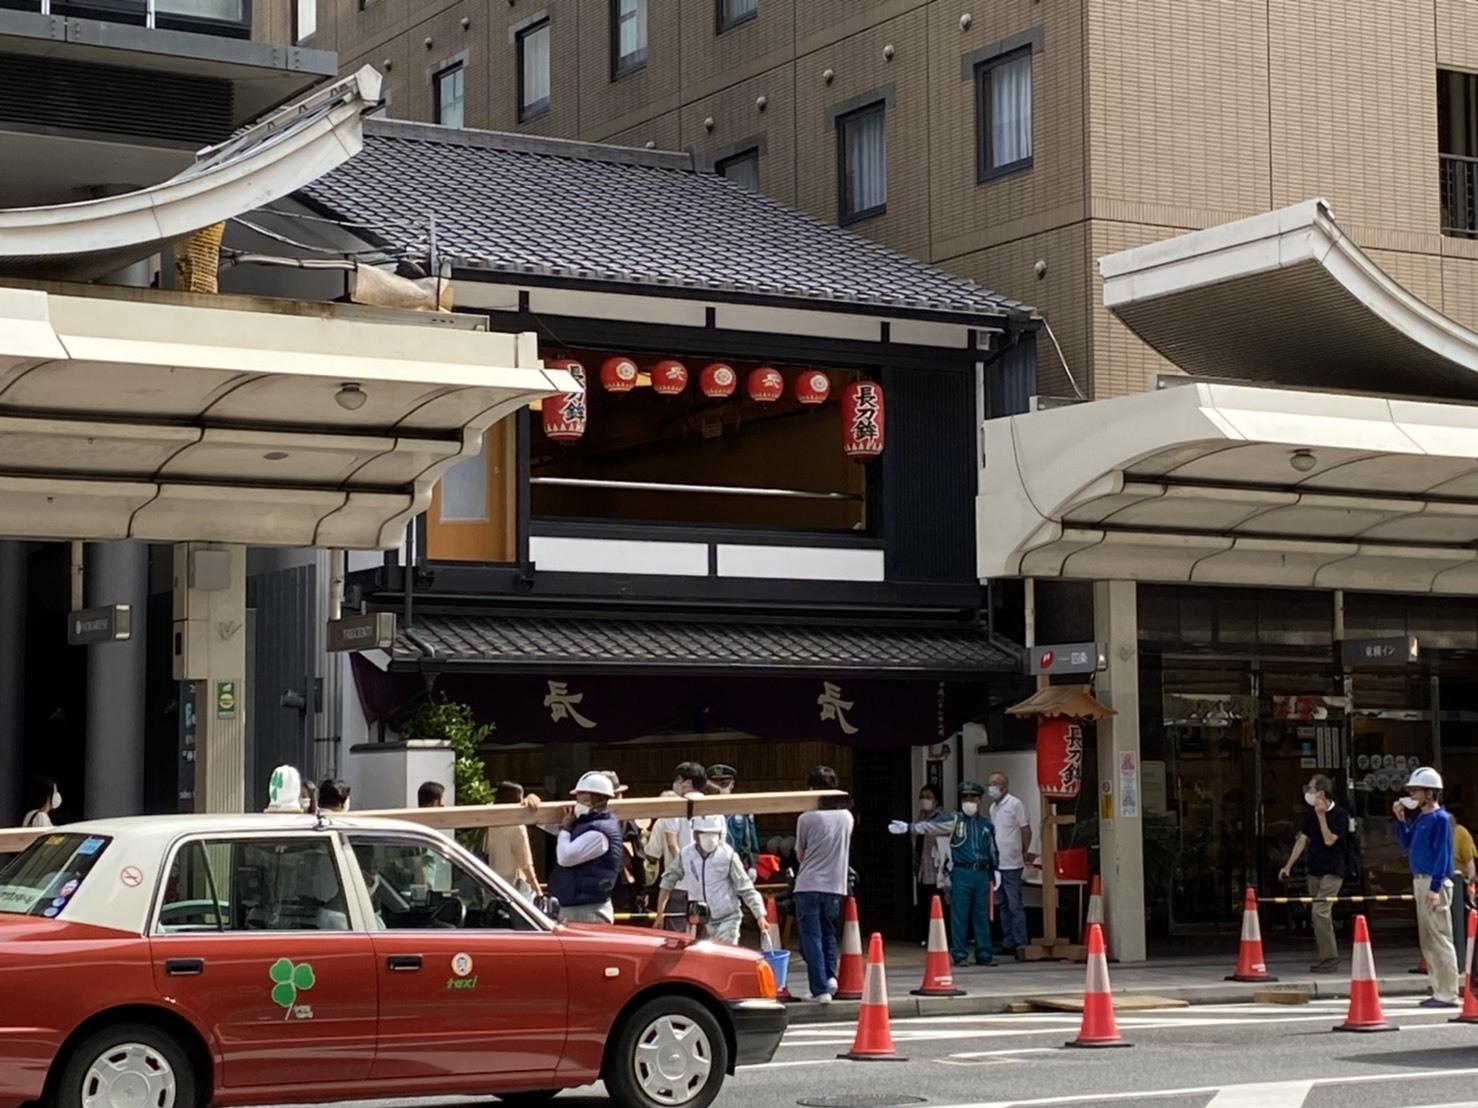 今年も祇園祭は中止ですが、ニコリニコリーは出店しておりますよー❗️_a0129631_10133951.jpg